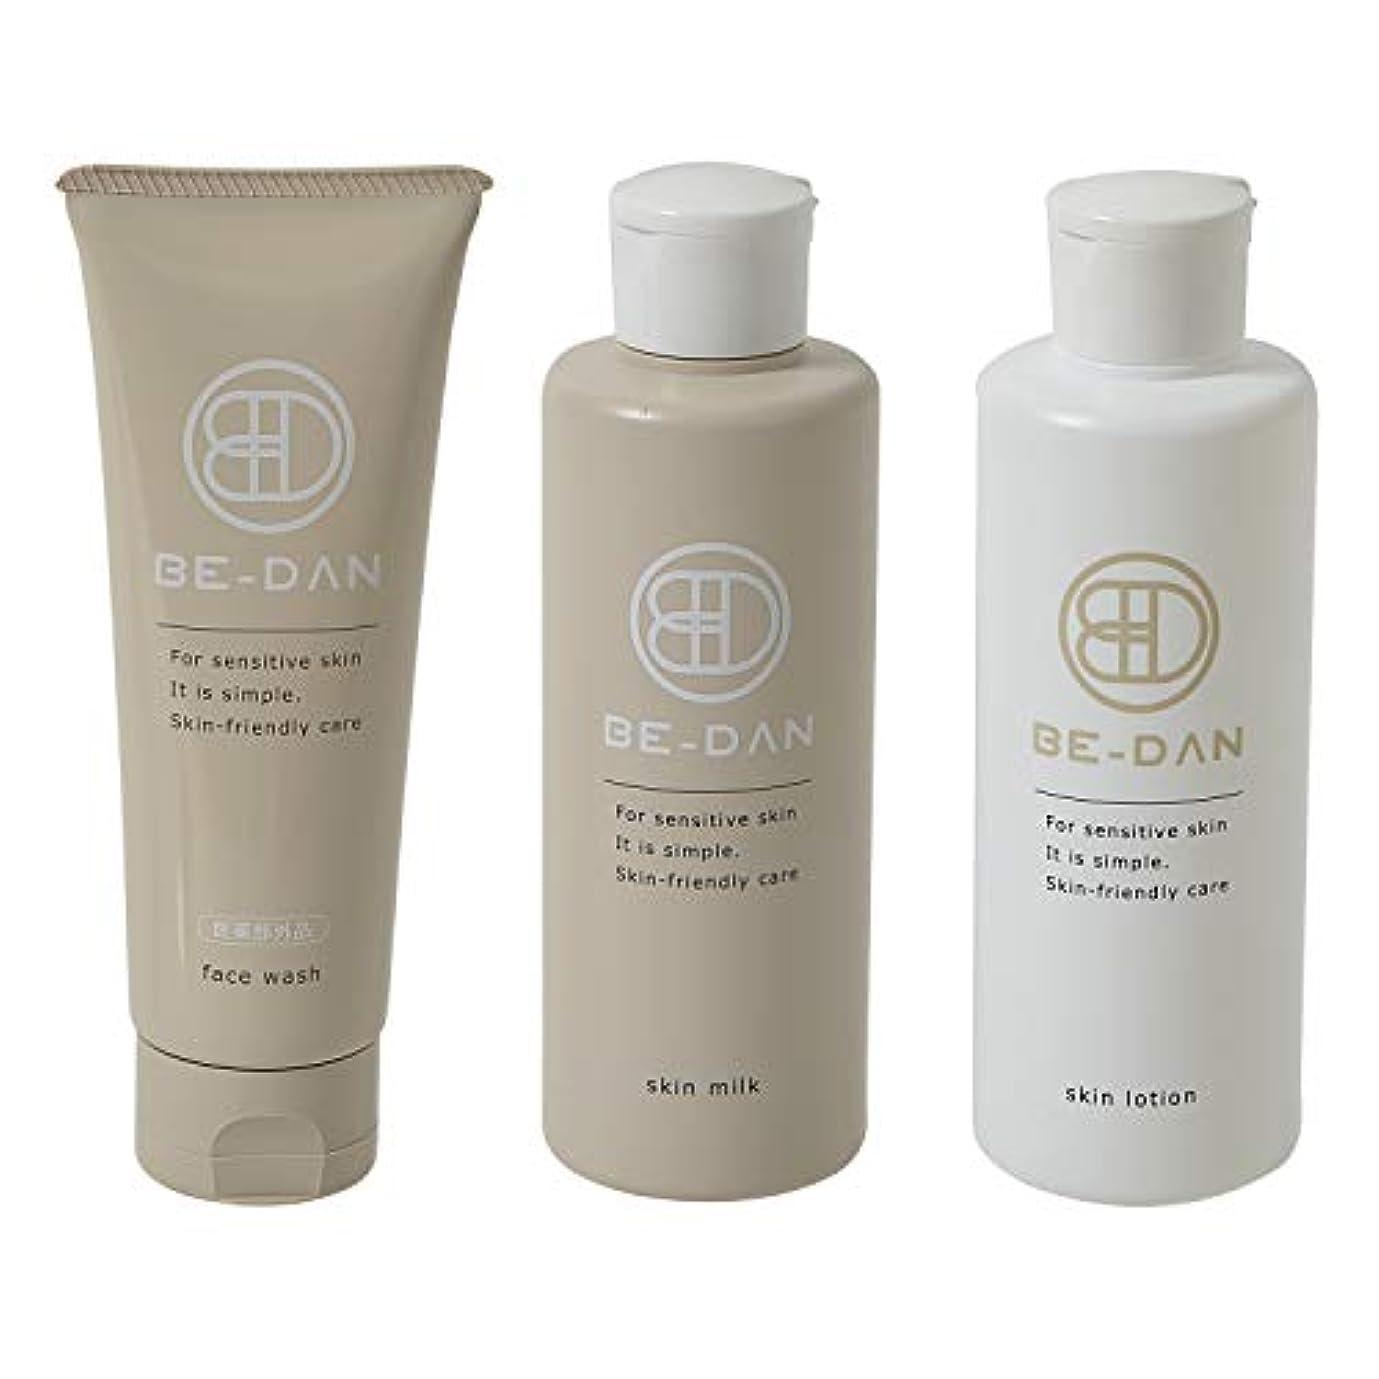 炭素風景顕著BE-DAN スキンケアセット (洗顔料 + 化粧水 + 乳液 ) (ビダン) (BEDAN) メンズ コスメ 敏感肌用